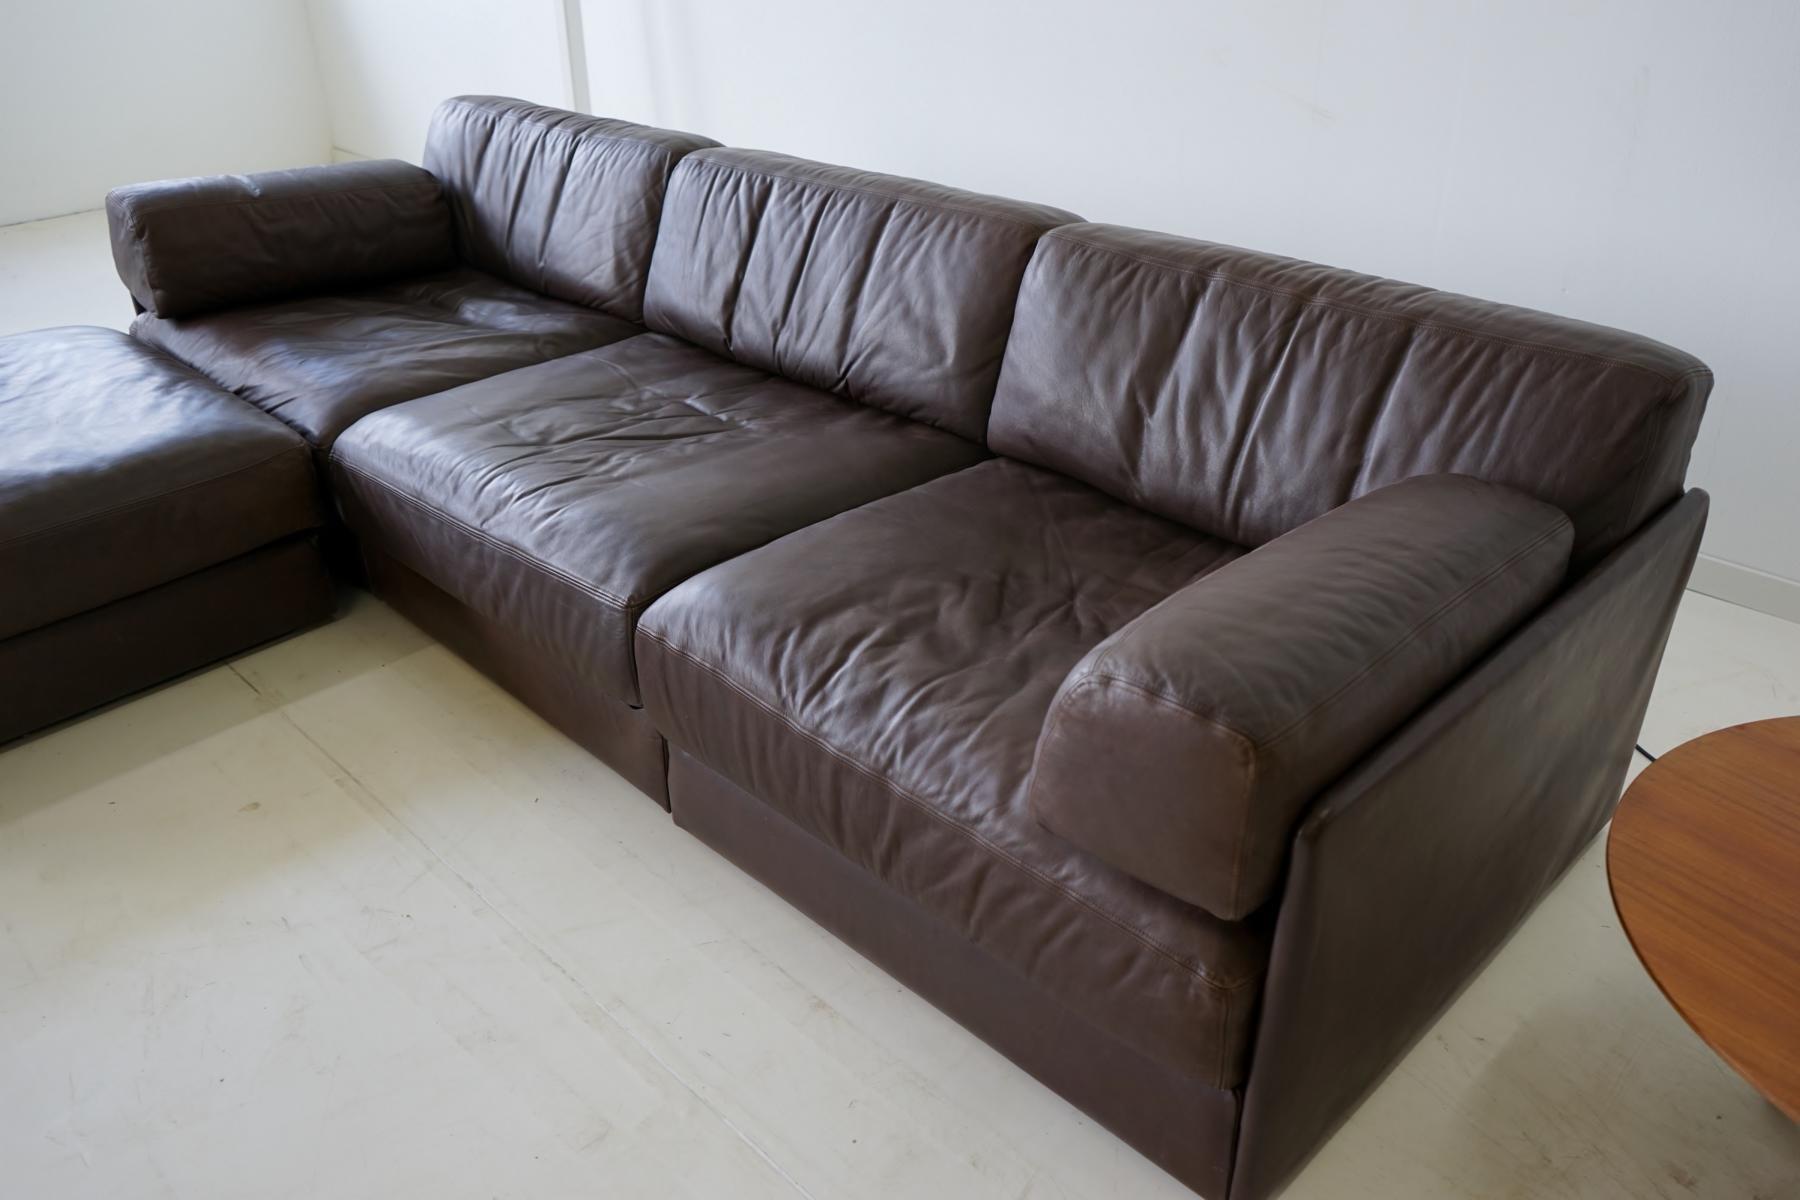 Modell DS 76 3er Sofa & Ottomane Set aus Leder von de Sede